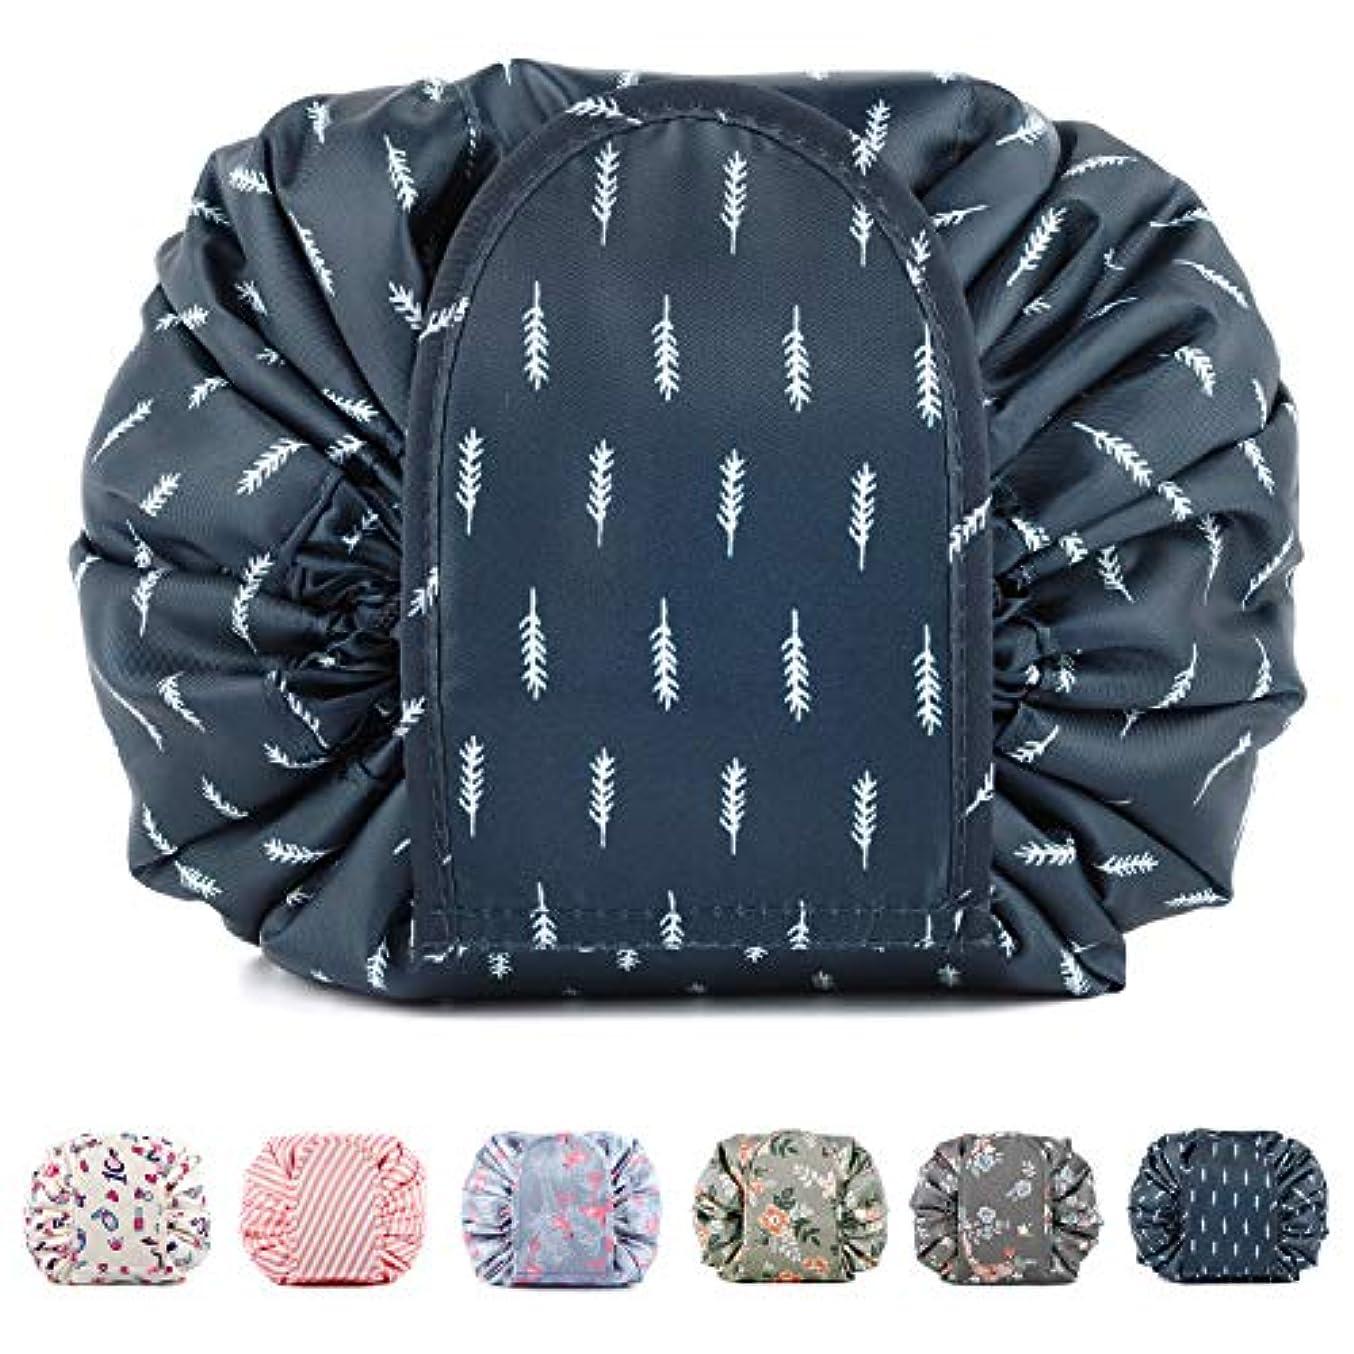 無許可送る中Narweyレイジー化粧バッグ ドローストリングコスメティックバッグ 大容量 防水 トラベルケース 化粧品収納袋 メイクポータブルバッグ レディース